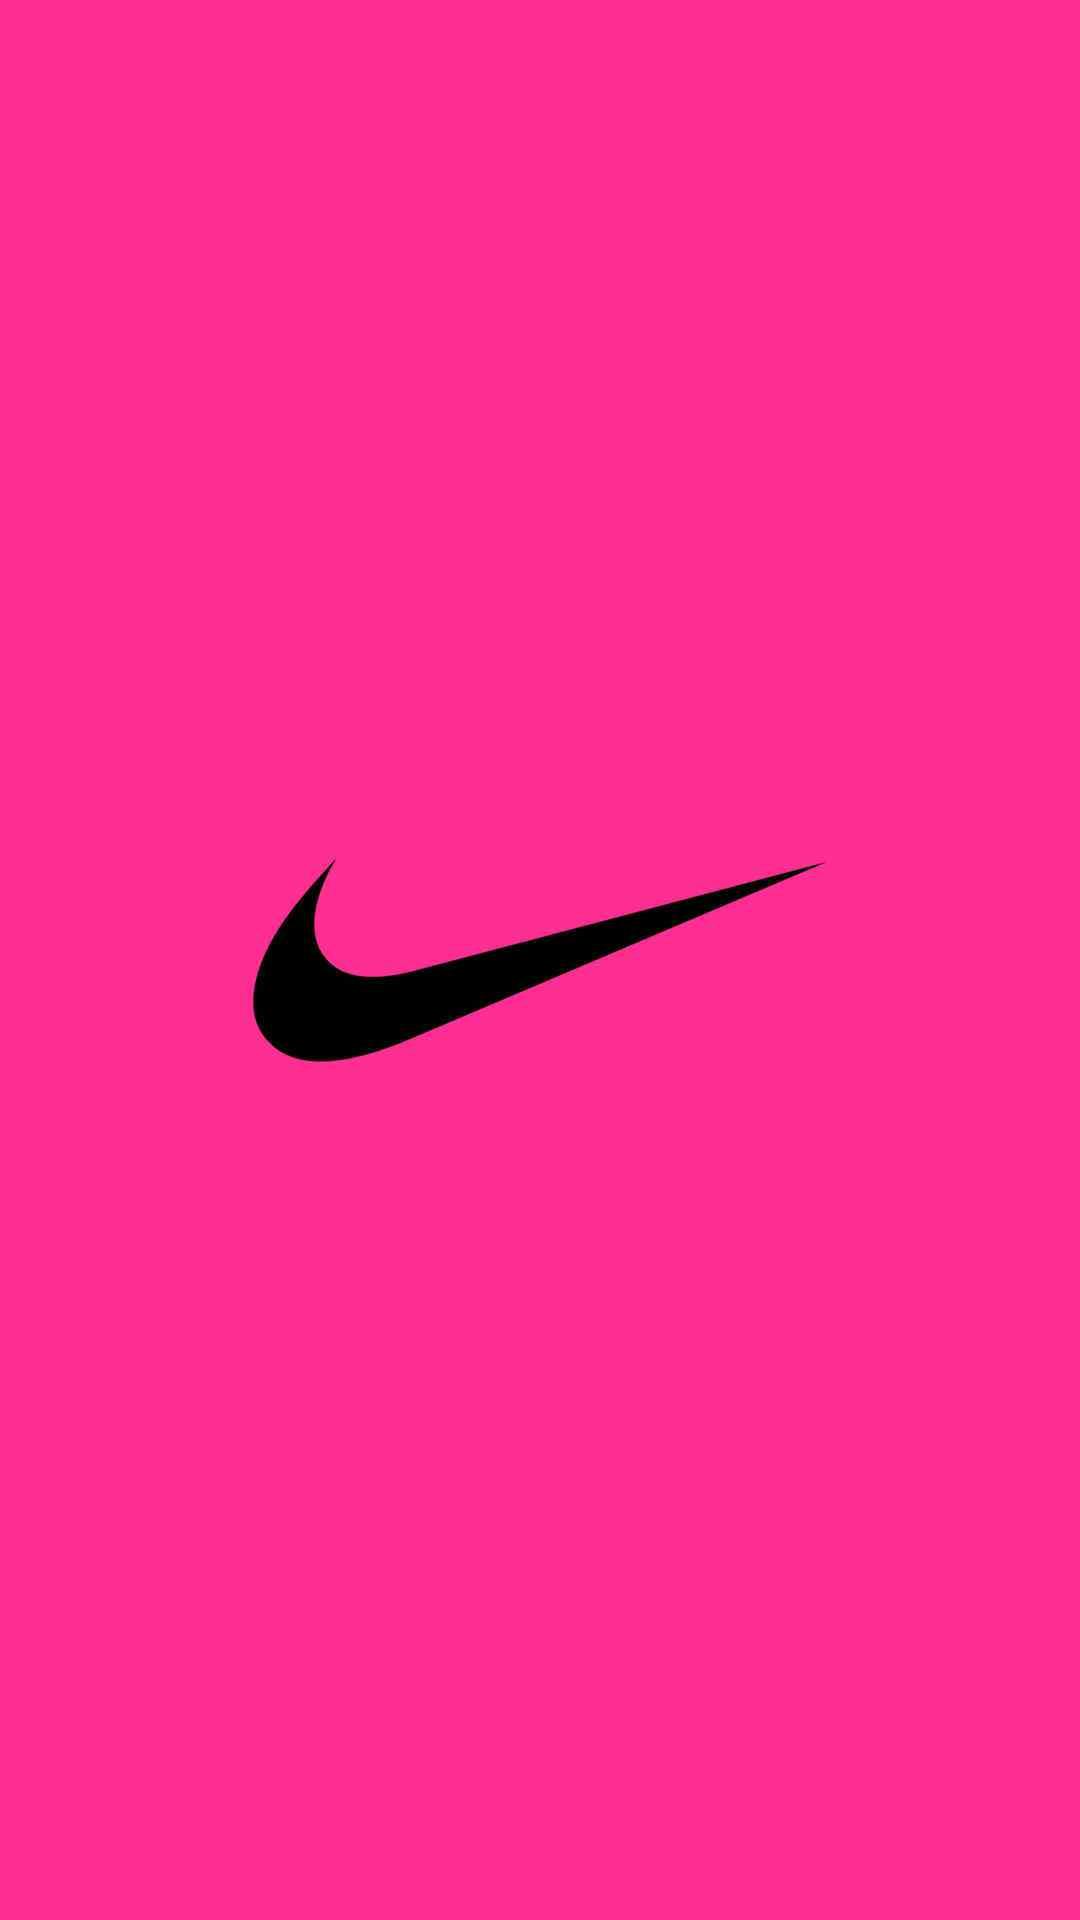 Free Download Nike Logo Iphone Wallpaper Pink Wallpaper Pinterest